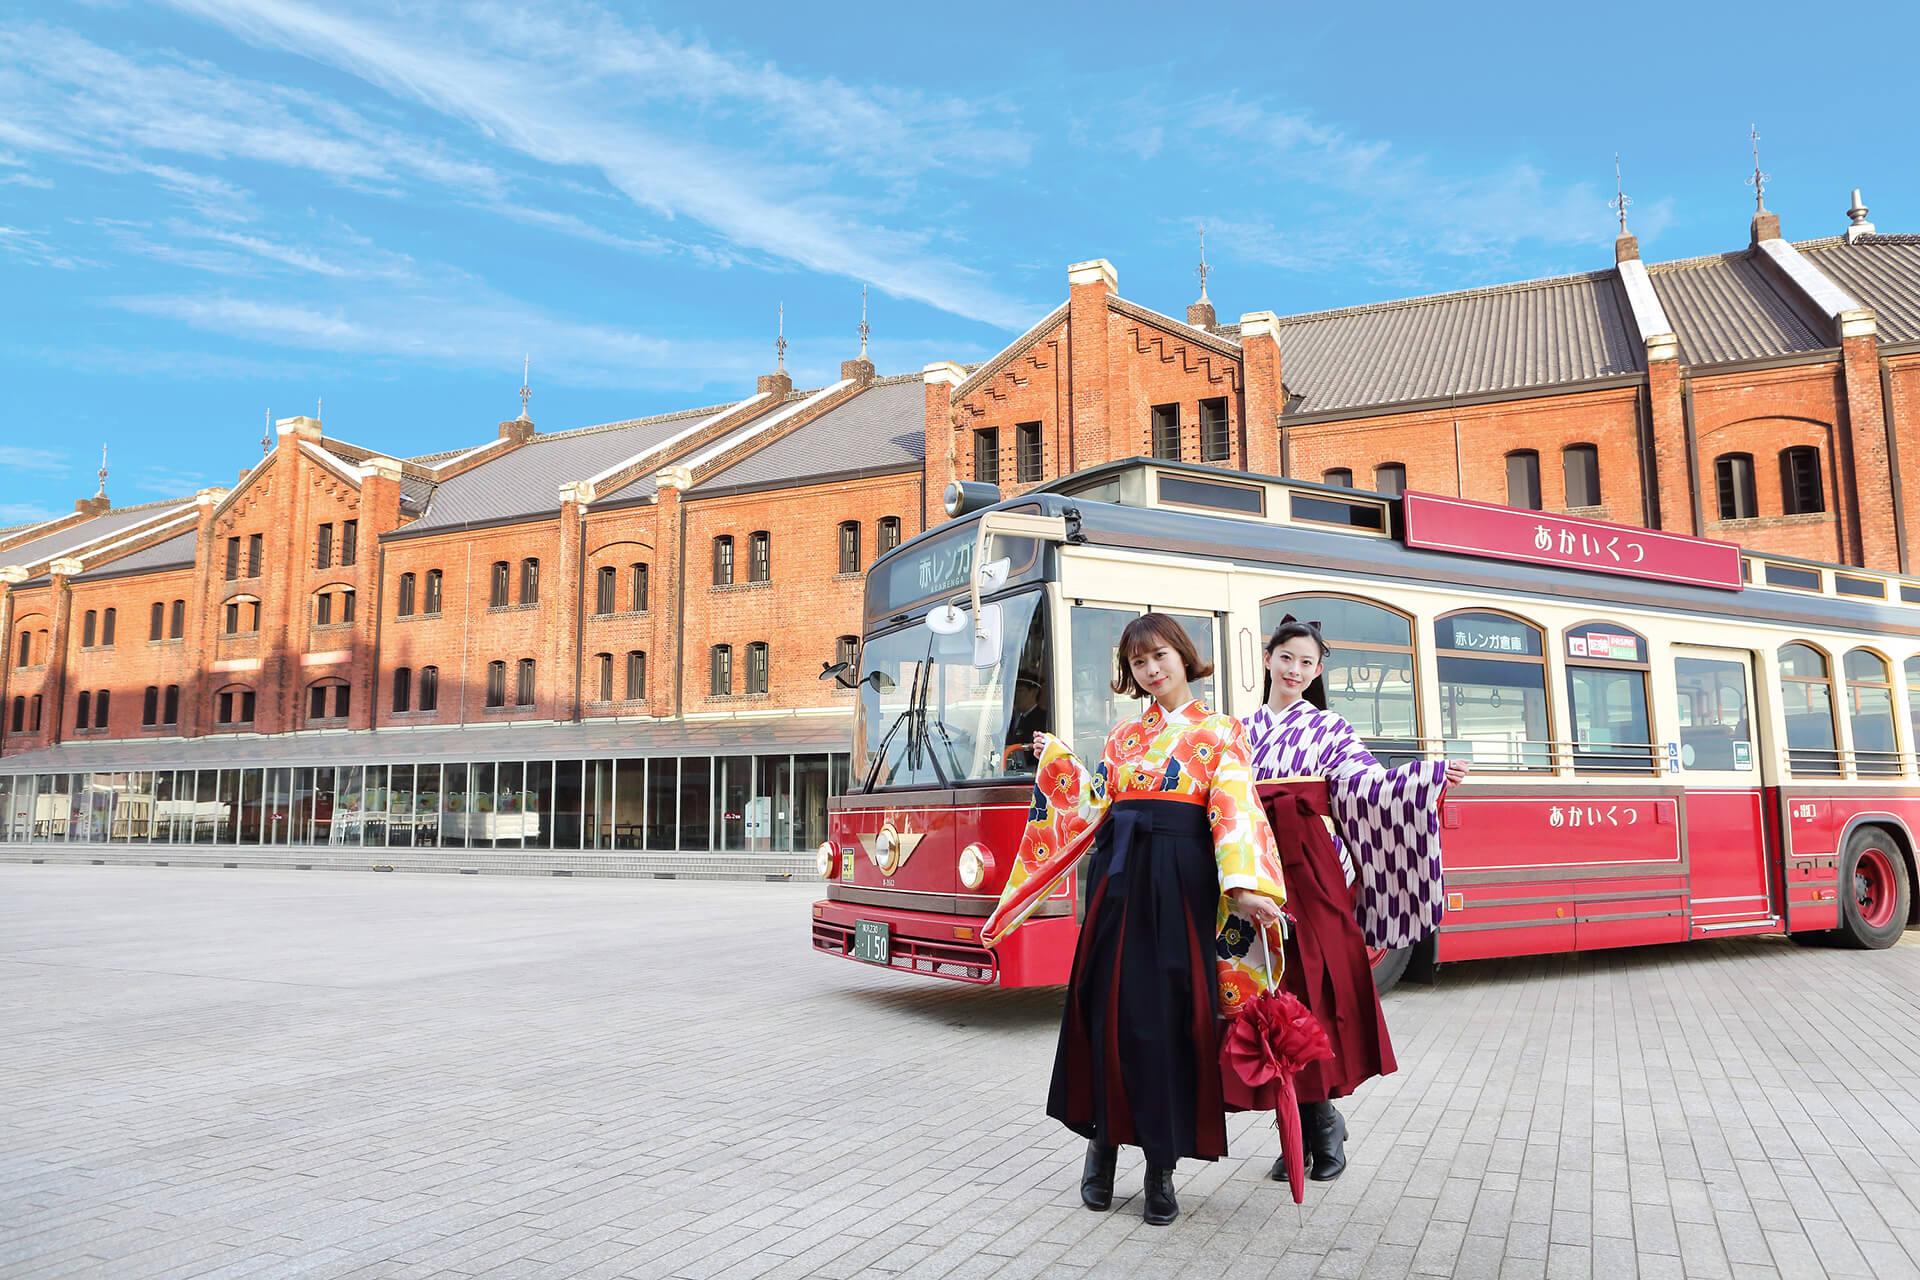 横濱ハイカラ バス旅きっぷ・袴体験